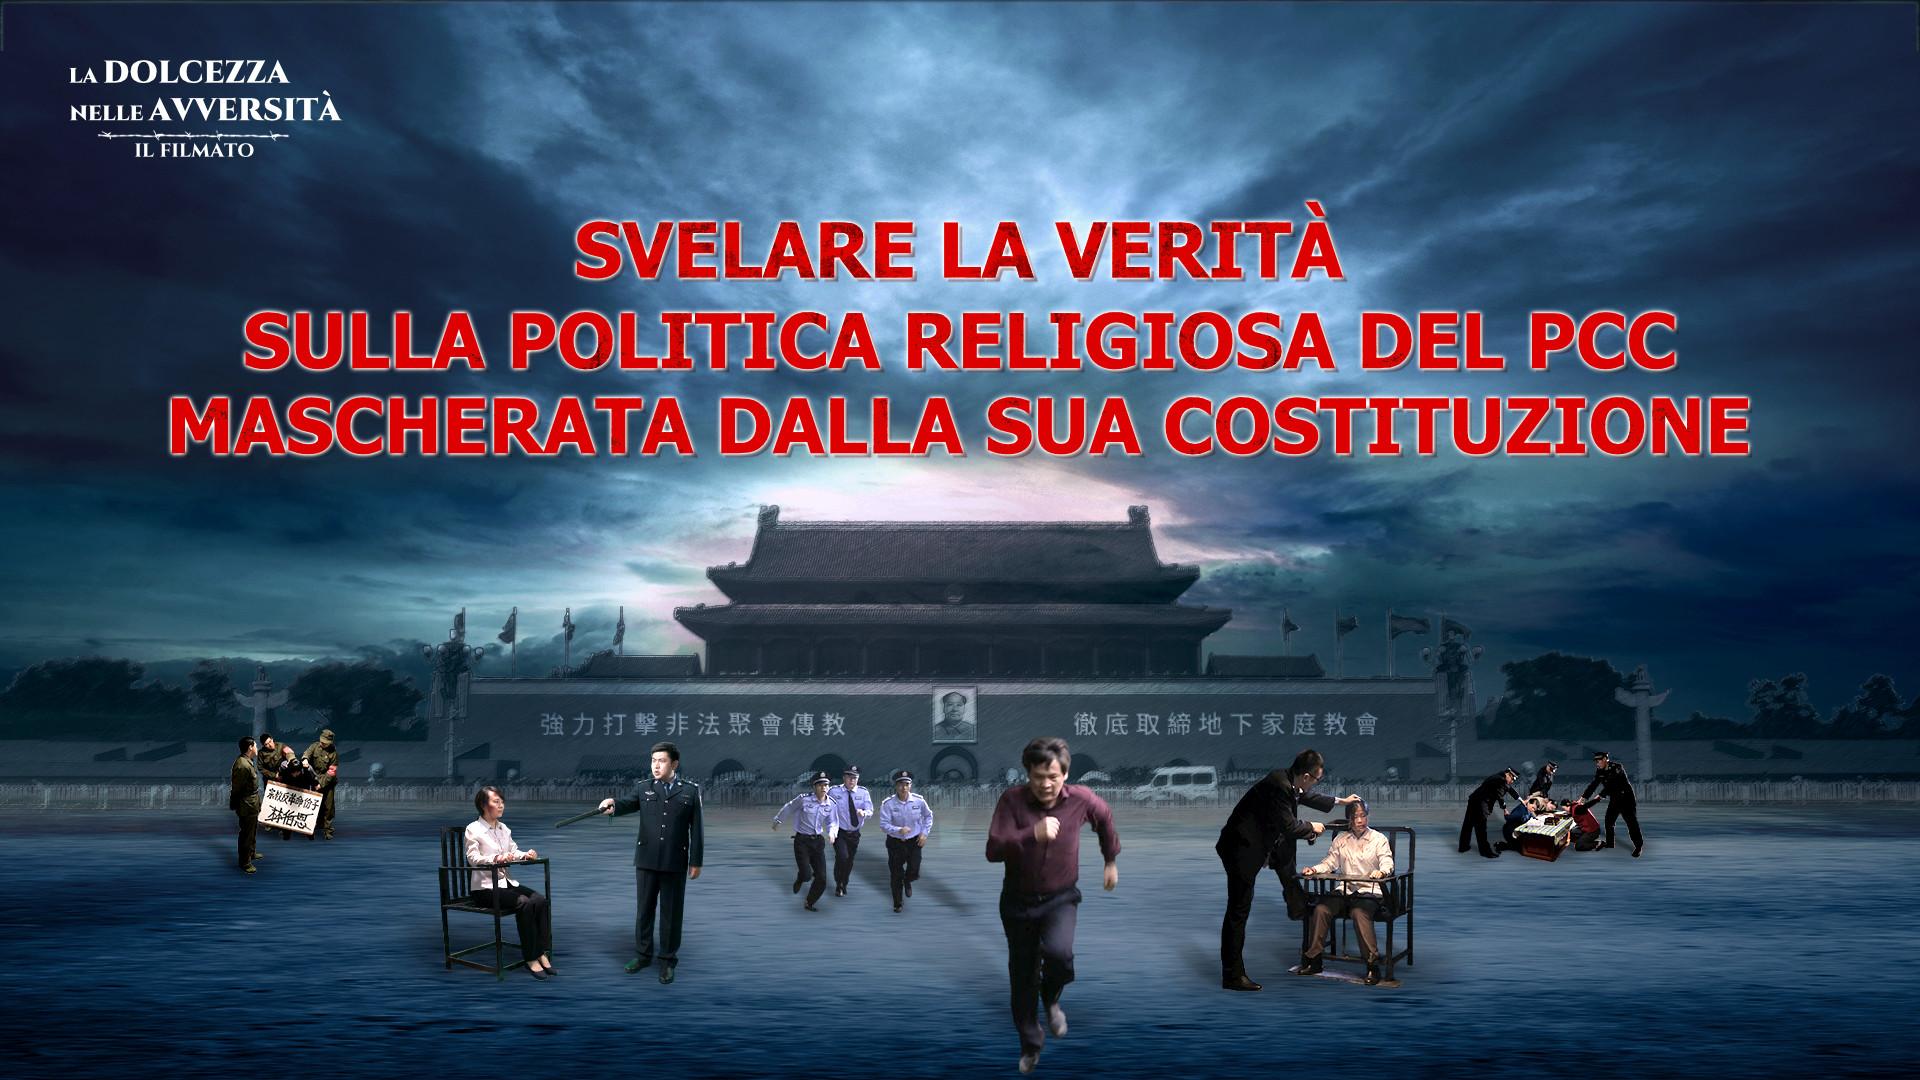 Svelare la verità sulla politica religiosa del PCC mascherata dalla sua Costituzione